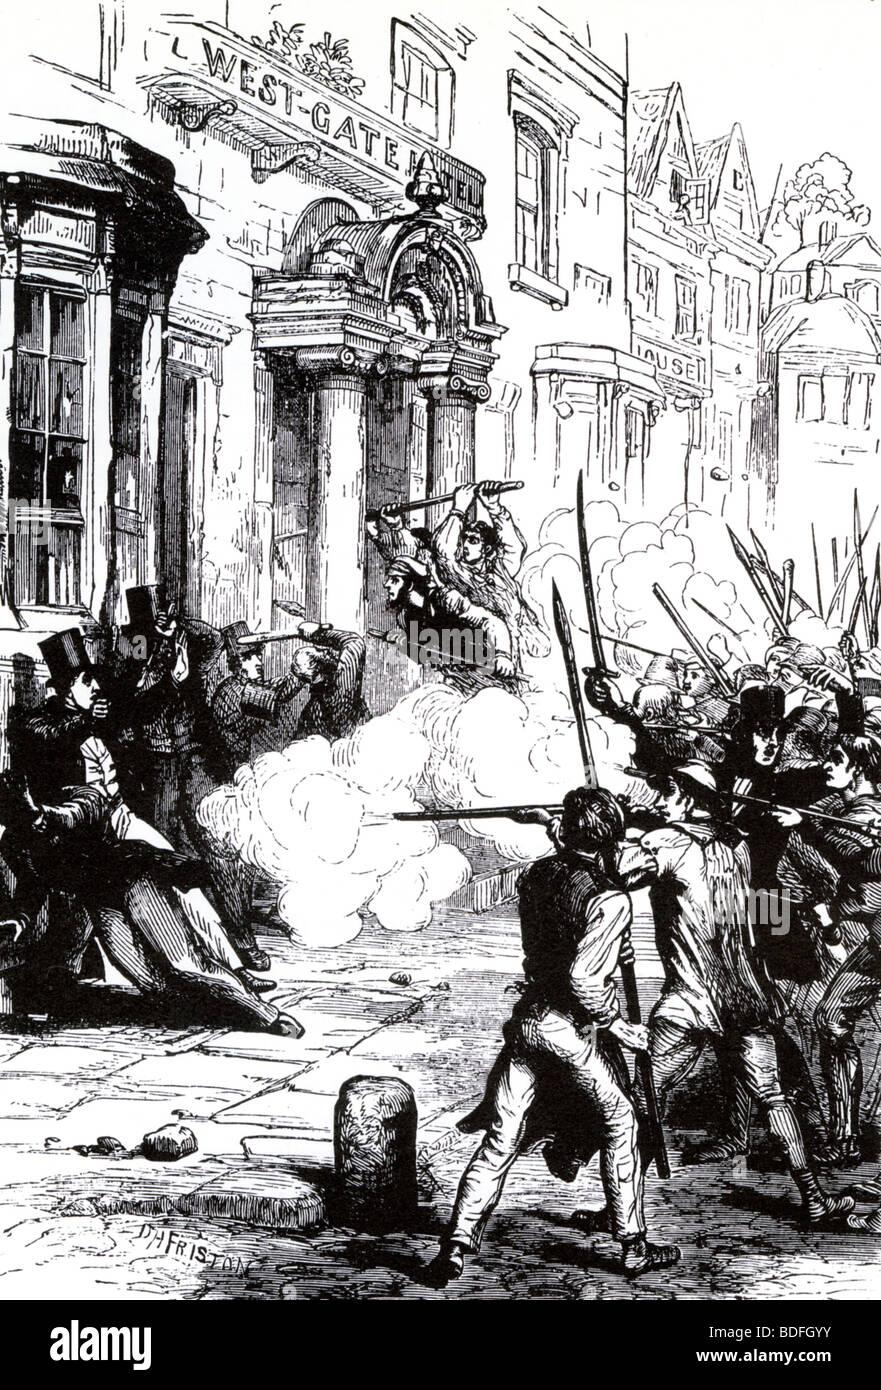 CHARTISTS - insurrezione armata di Newport, Galles, novembre 1839, tentare di liberare il loro leader imprigionato Immagini Stock